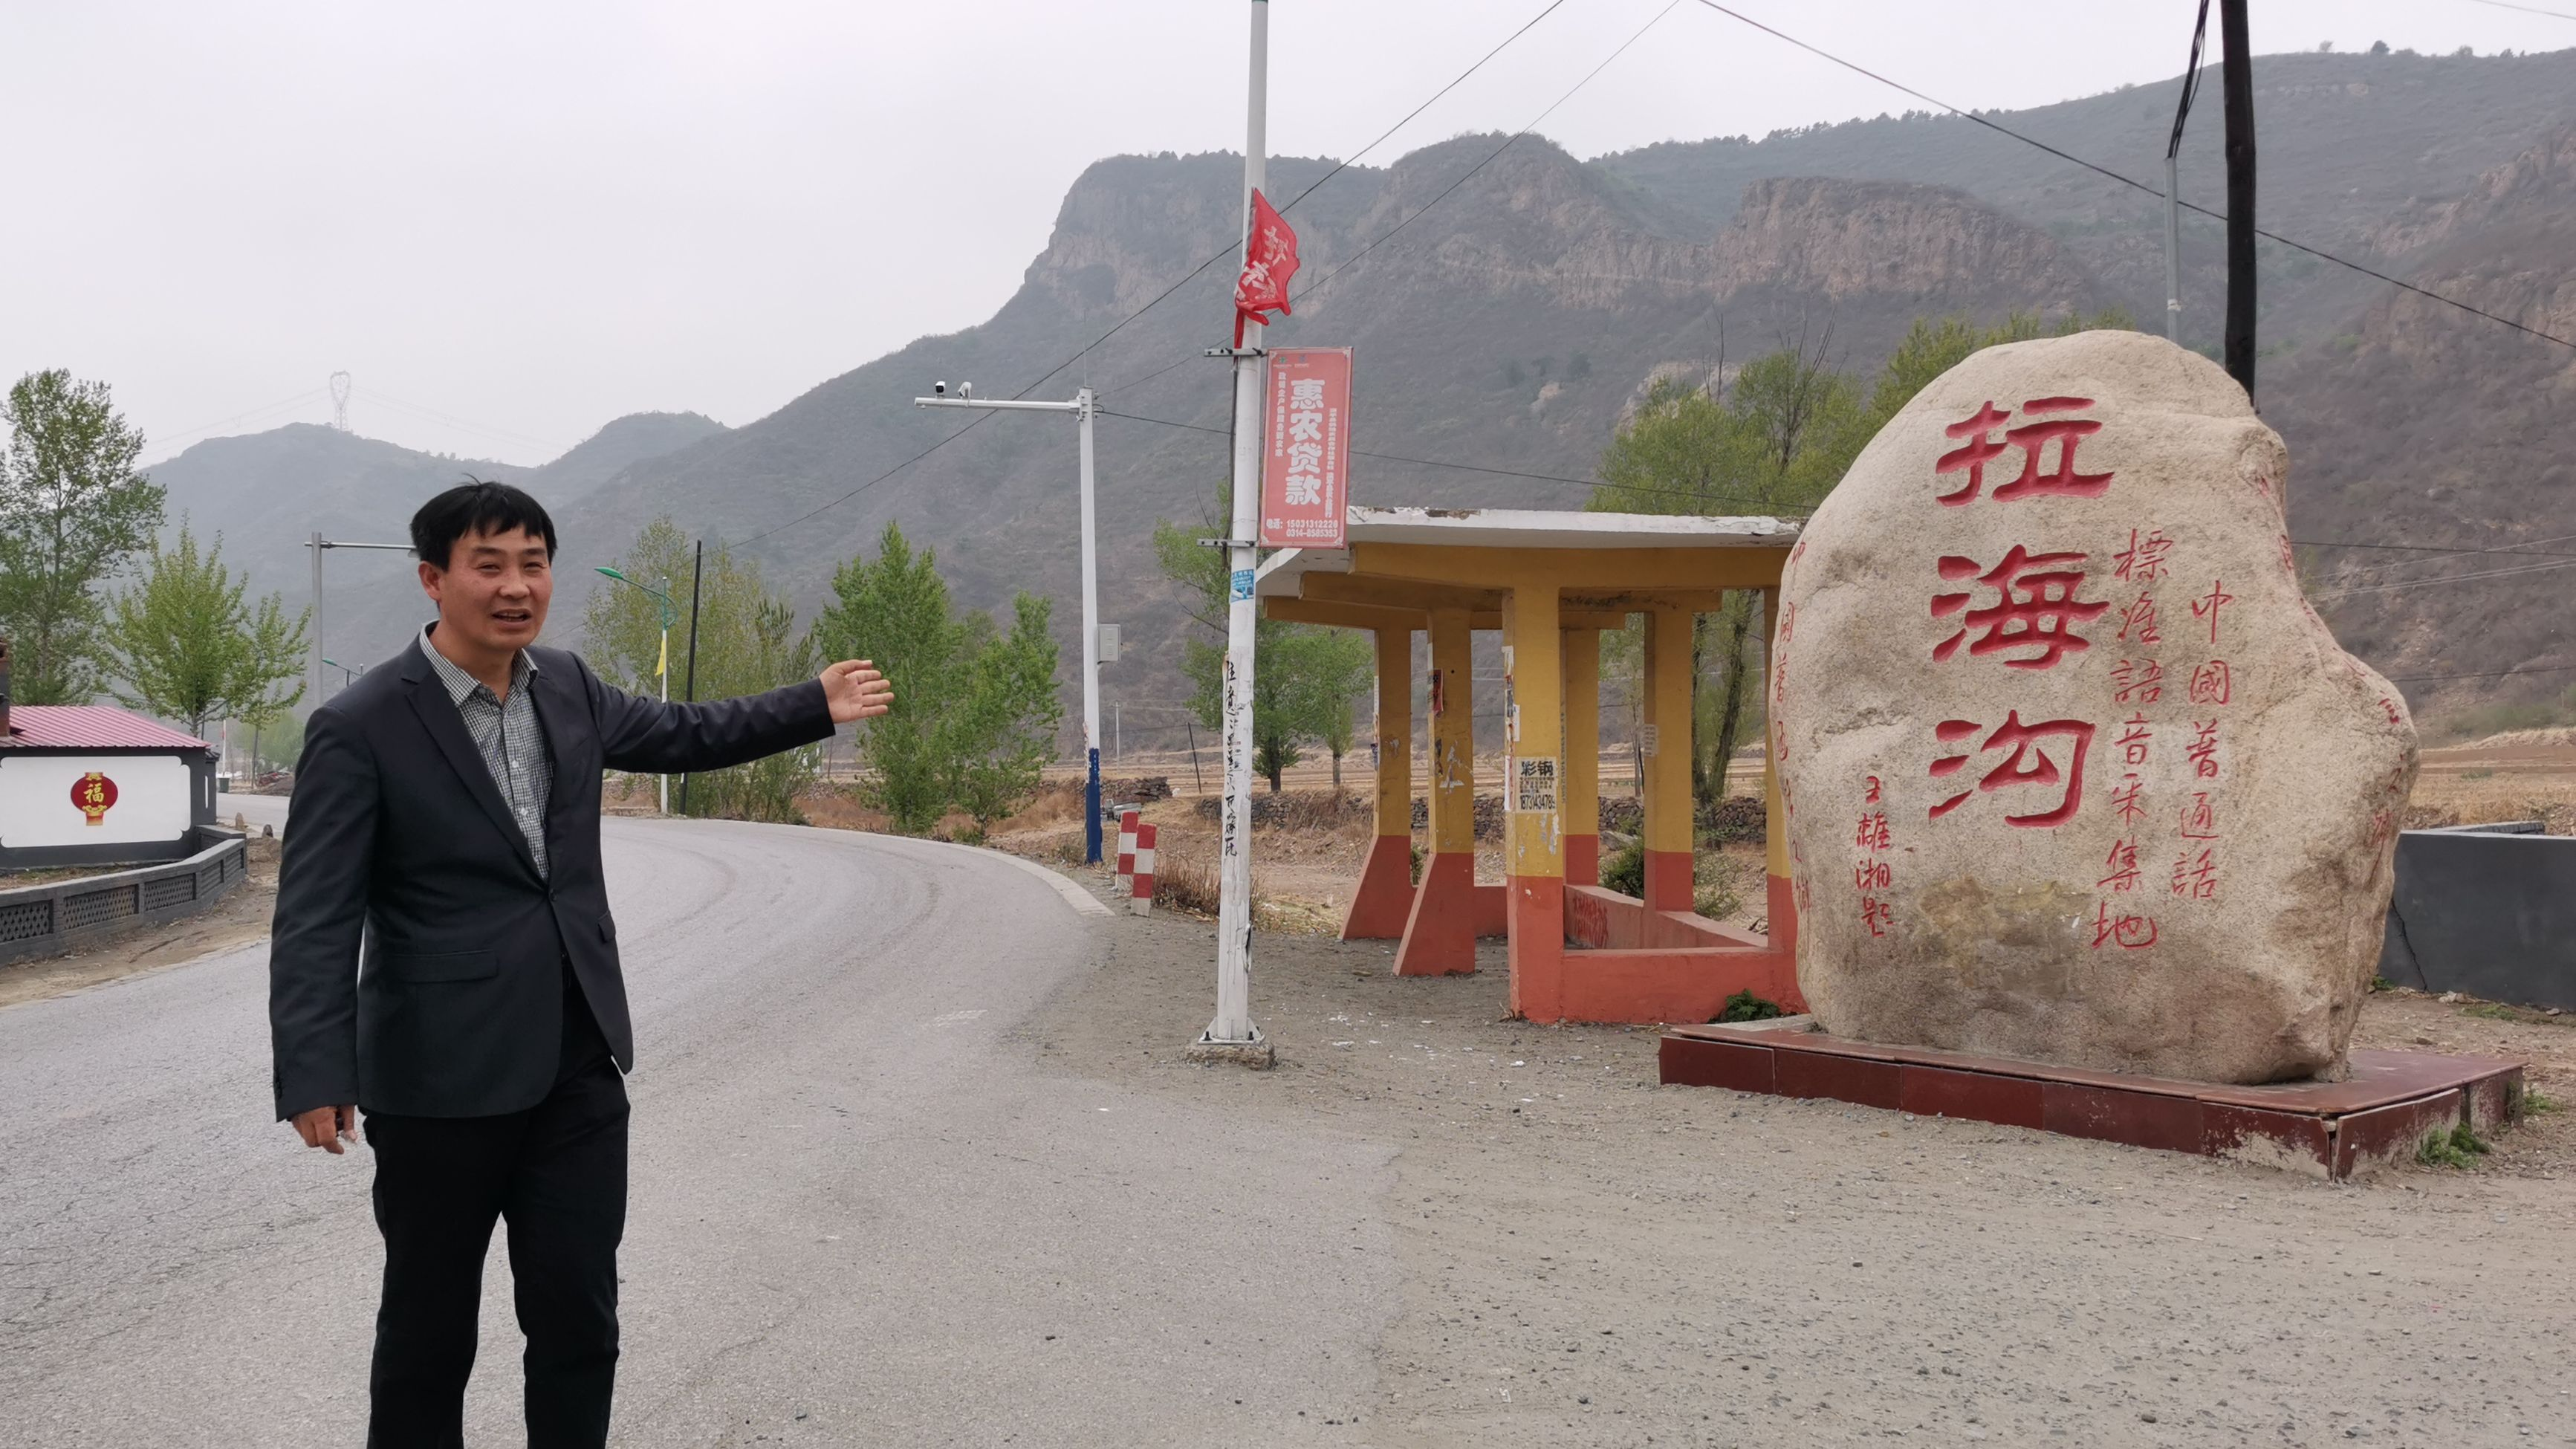 滦平县人口多少人